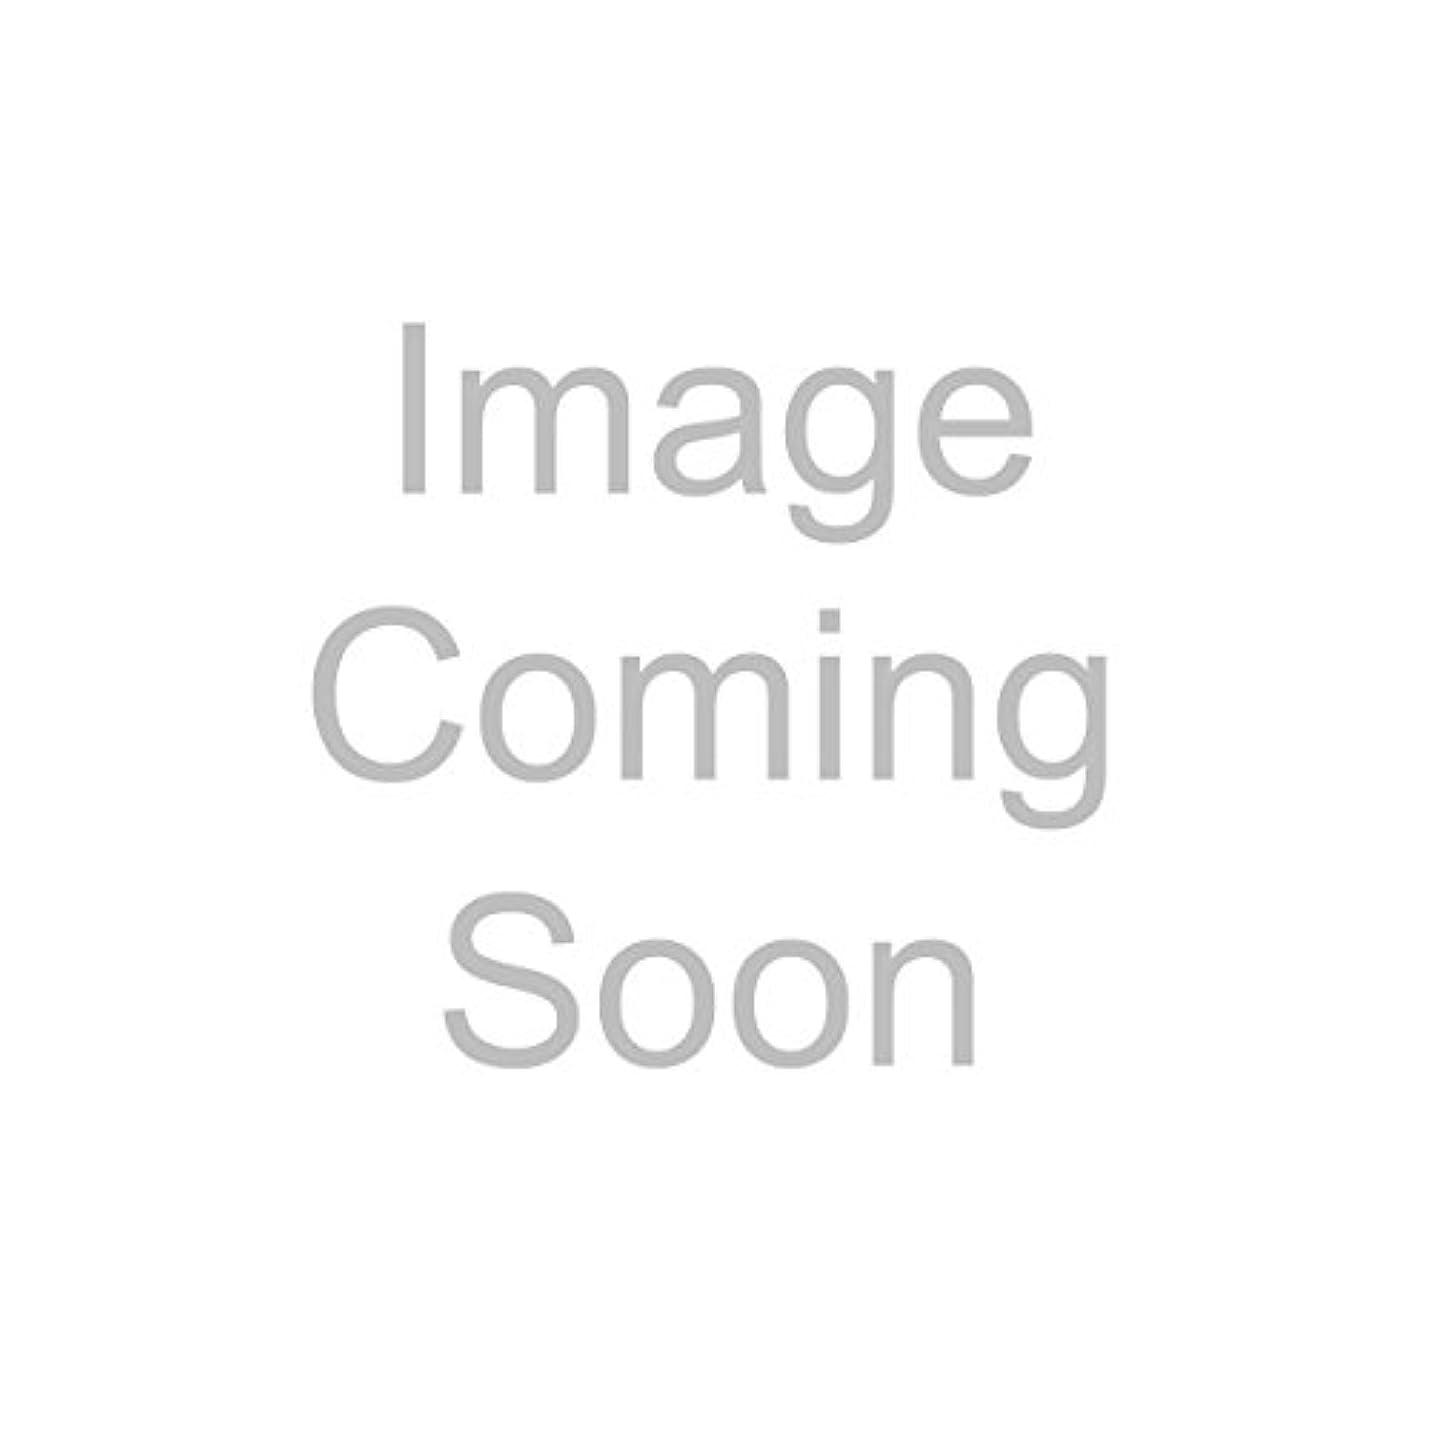 取り消す第二ラダランコム Teint Miracle Natural Healthy Glow Makeup SPF 15 - # 320 Bisque 4W (US Version) 30ml/1oz並行輸入品